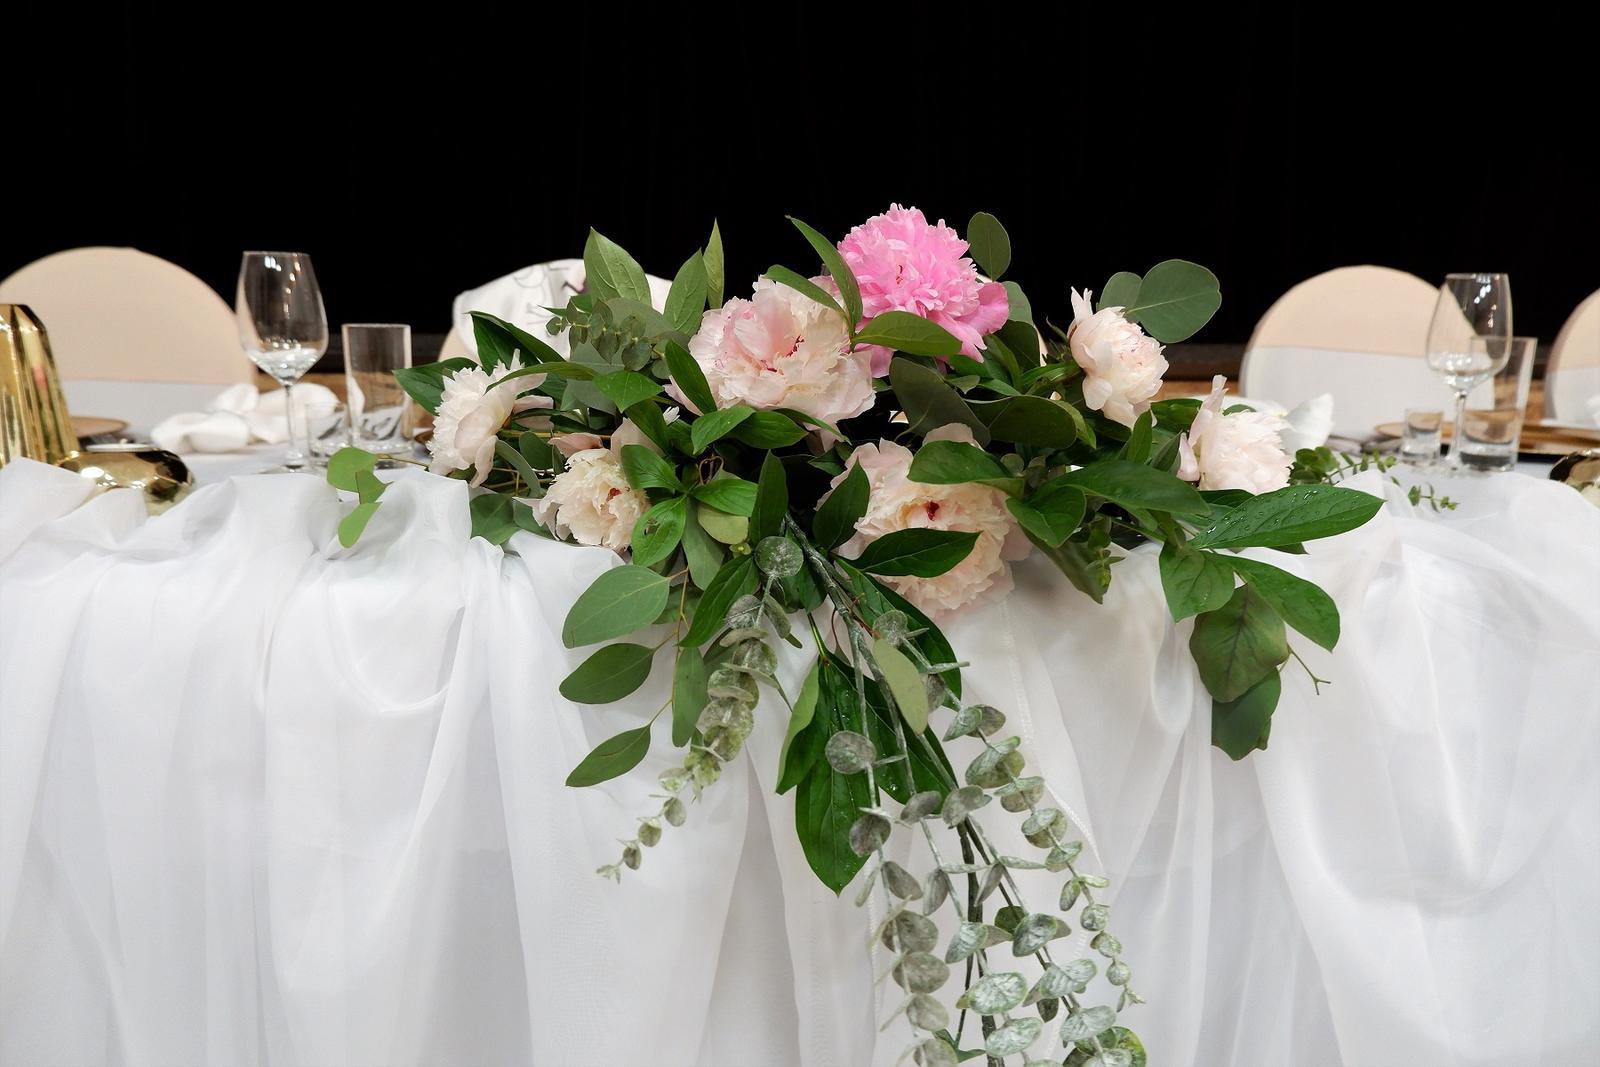 Jemná ružová svadobná výydoba v kultúrnom dome - Obrázok č. 3